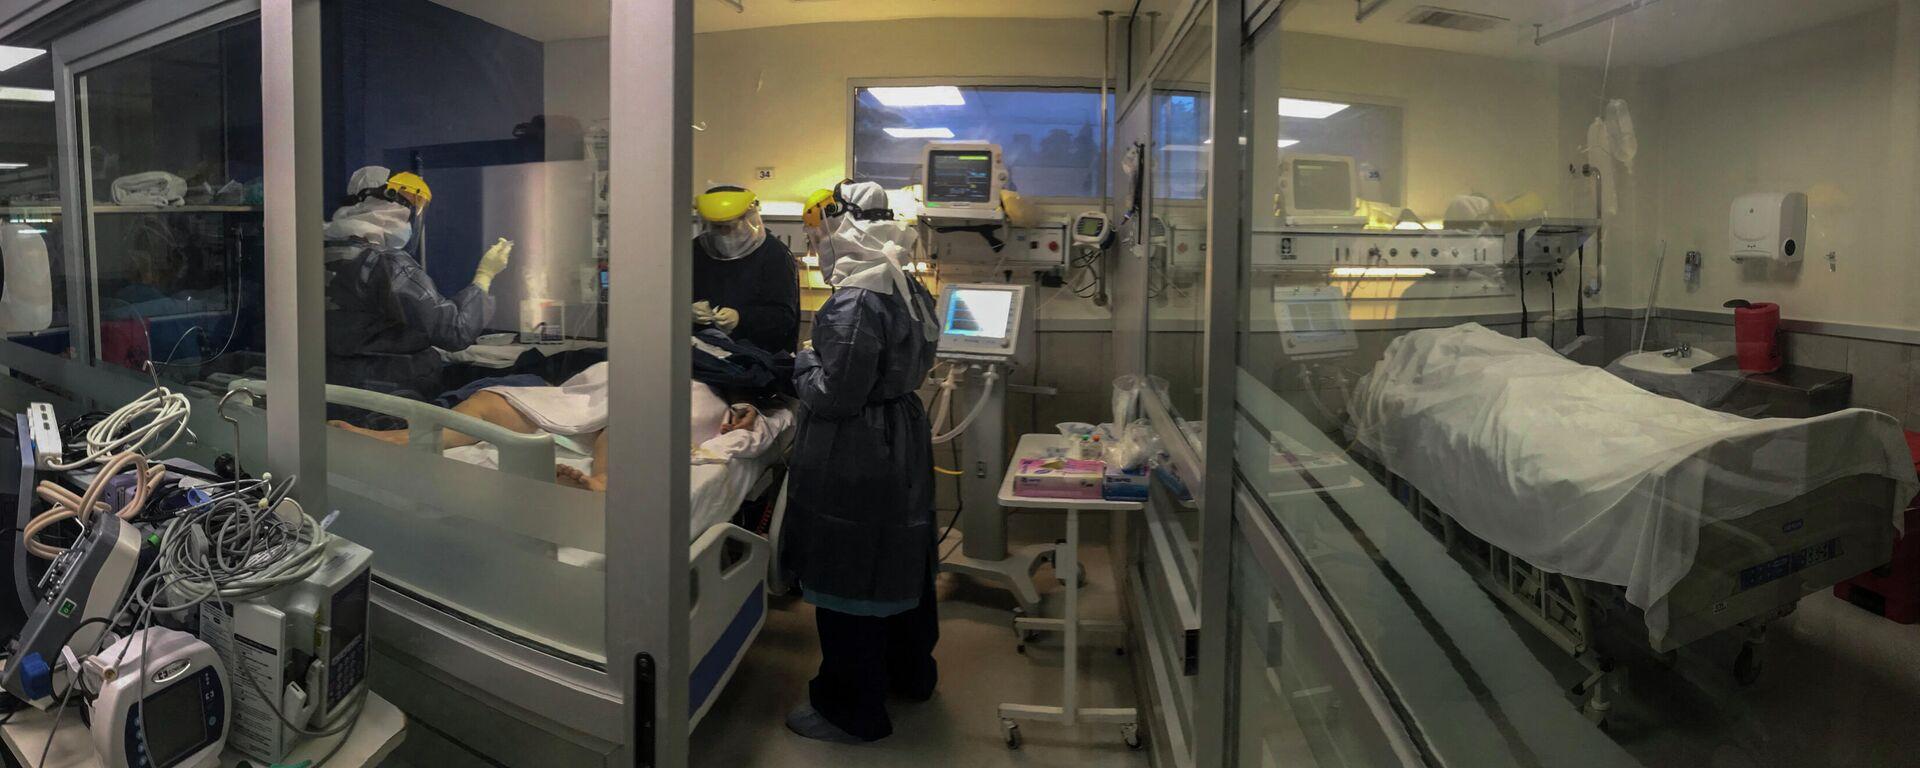 Hospital con pacientes con COVID-19 en Montevideo, Uruguay - Sputnik Mundo, 1920, 15.06.2021